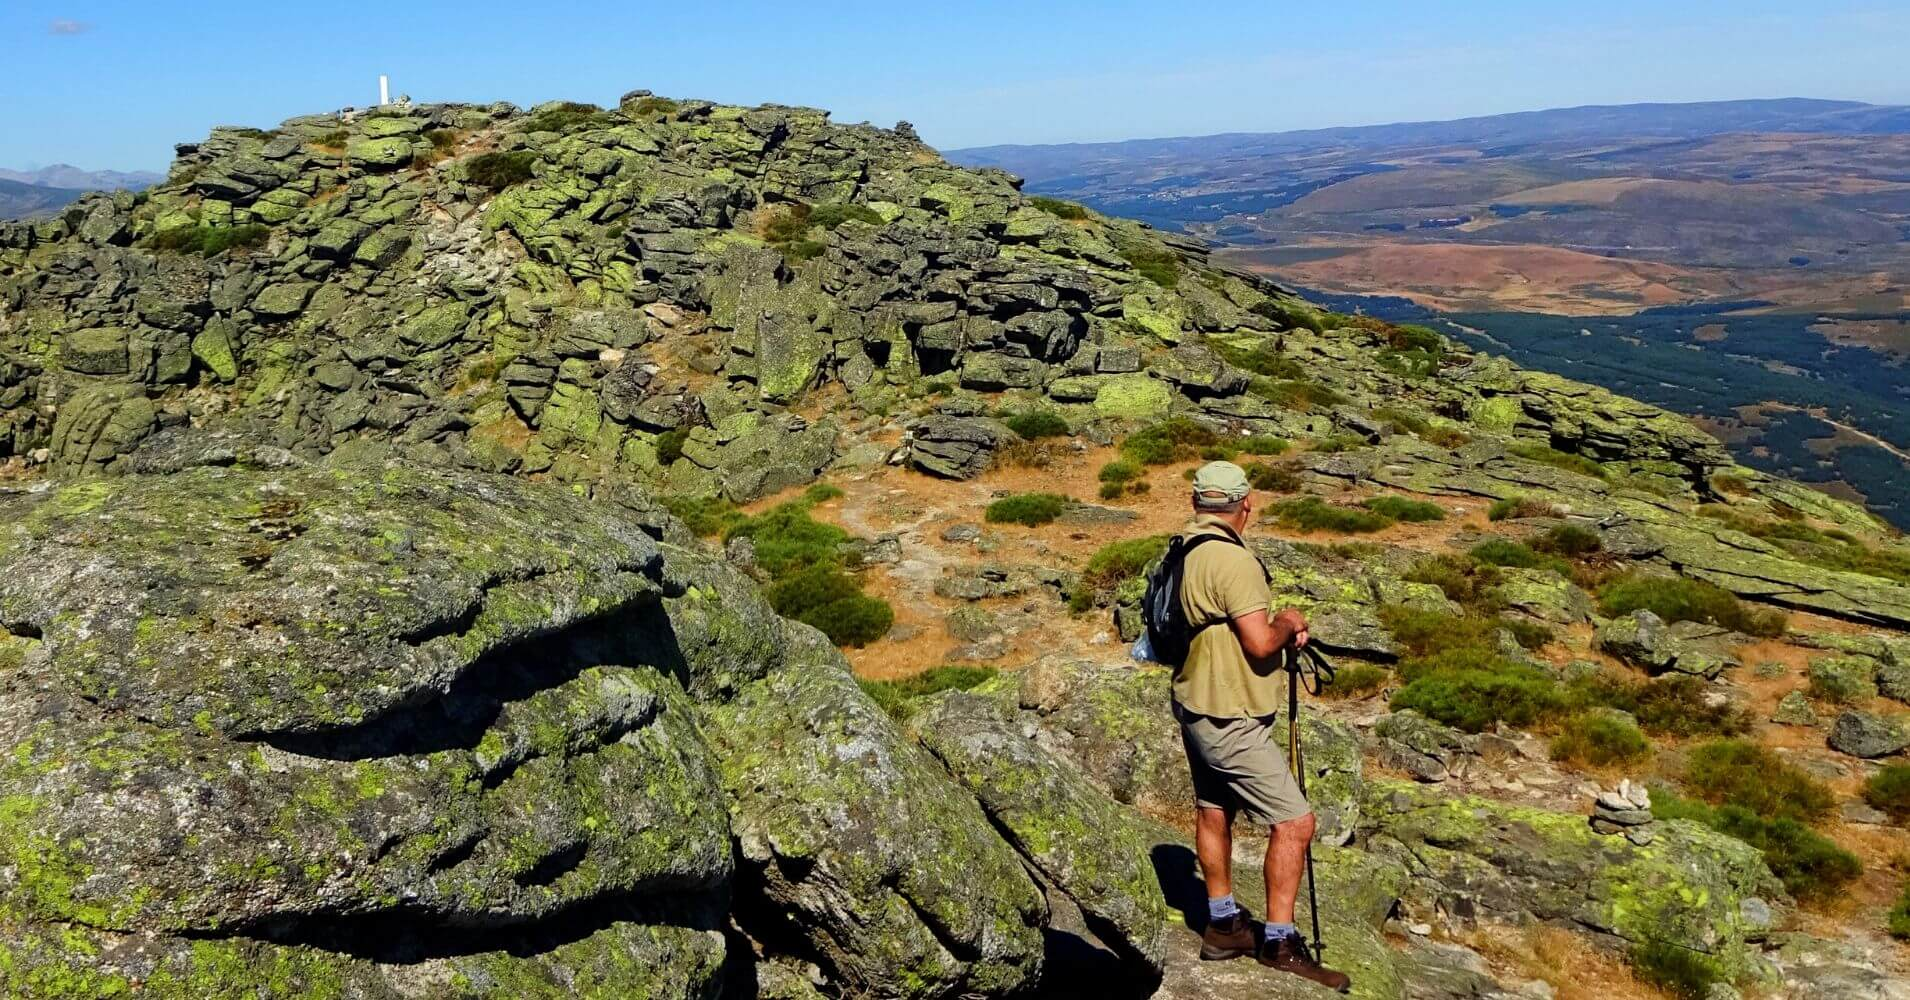 Llegando a la Cumbre de Pico El Torozo. Sierra de Gredos, Ávila. Castilla y León.